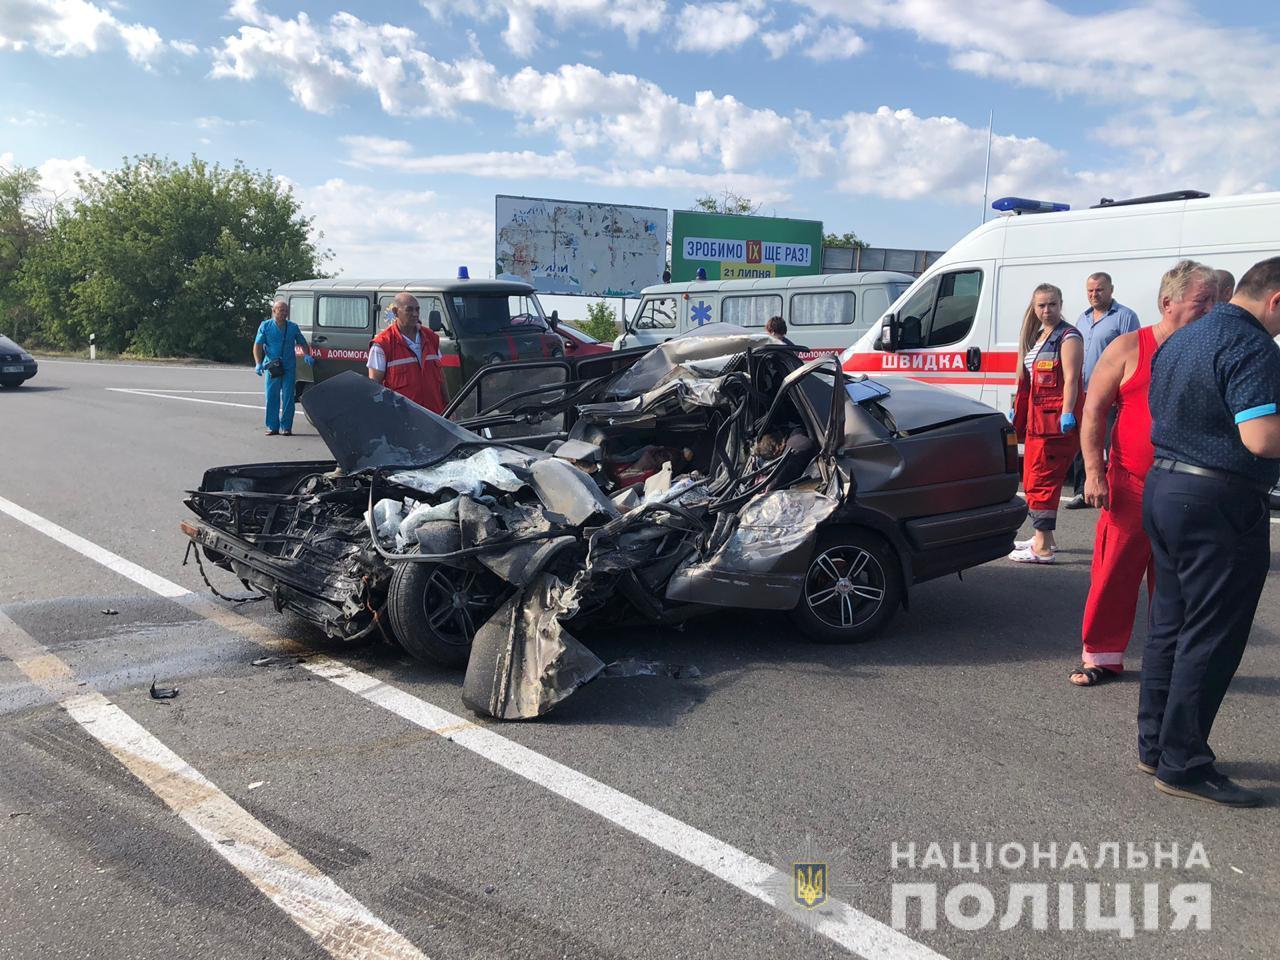 Погиб ребенок: под Одессой произошло смертельное ДТП